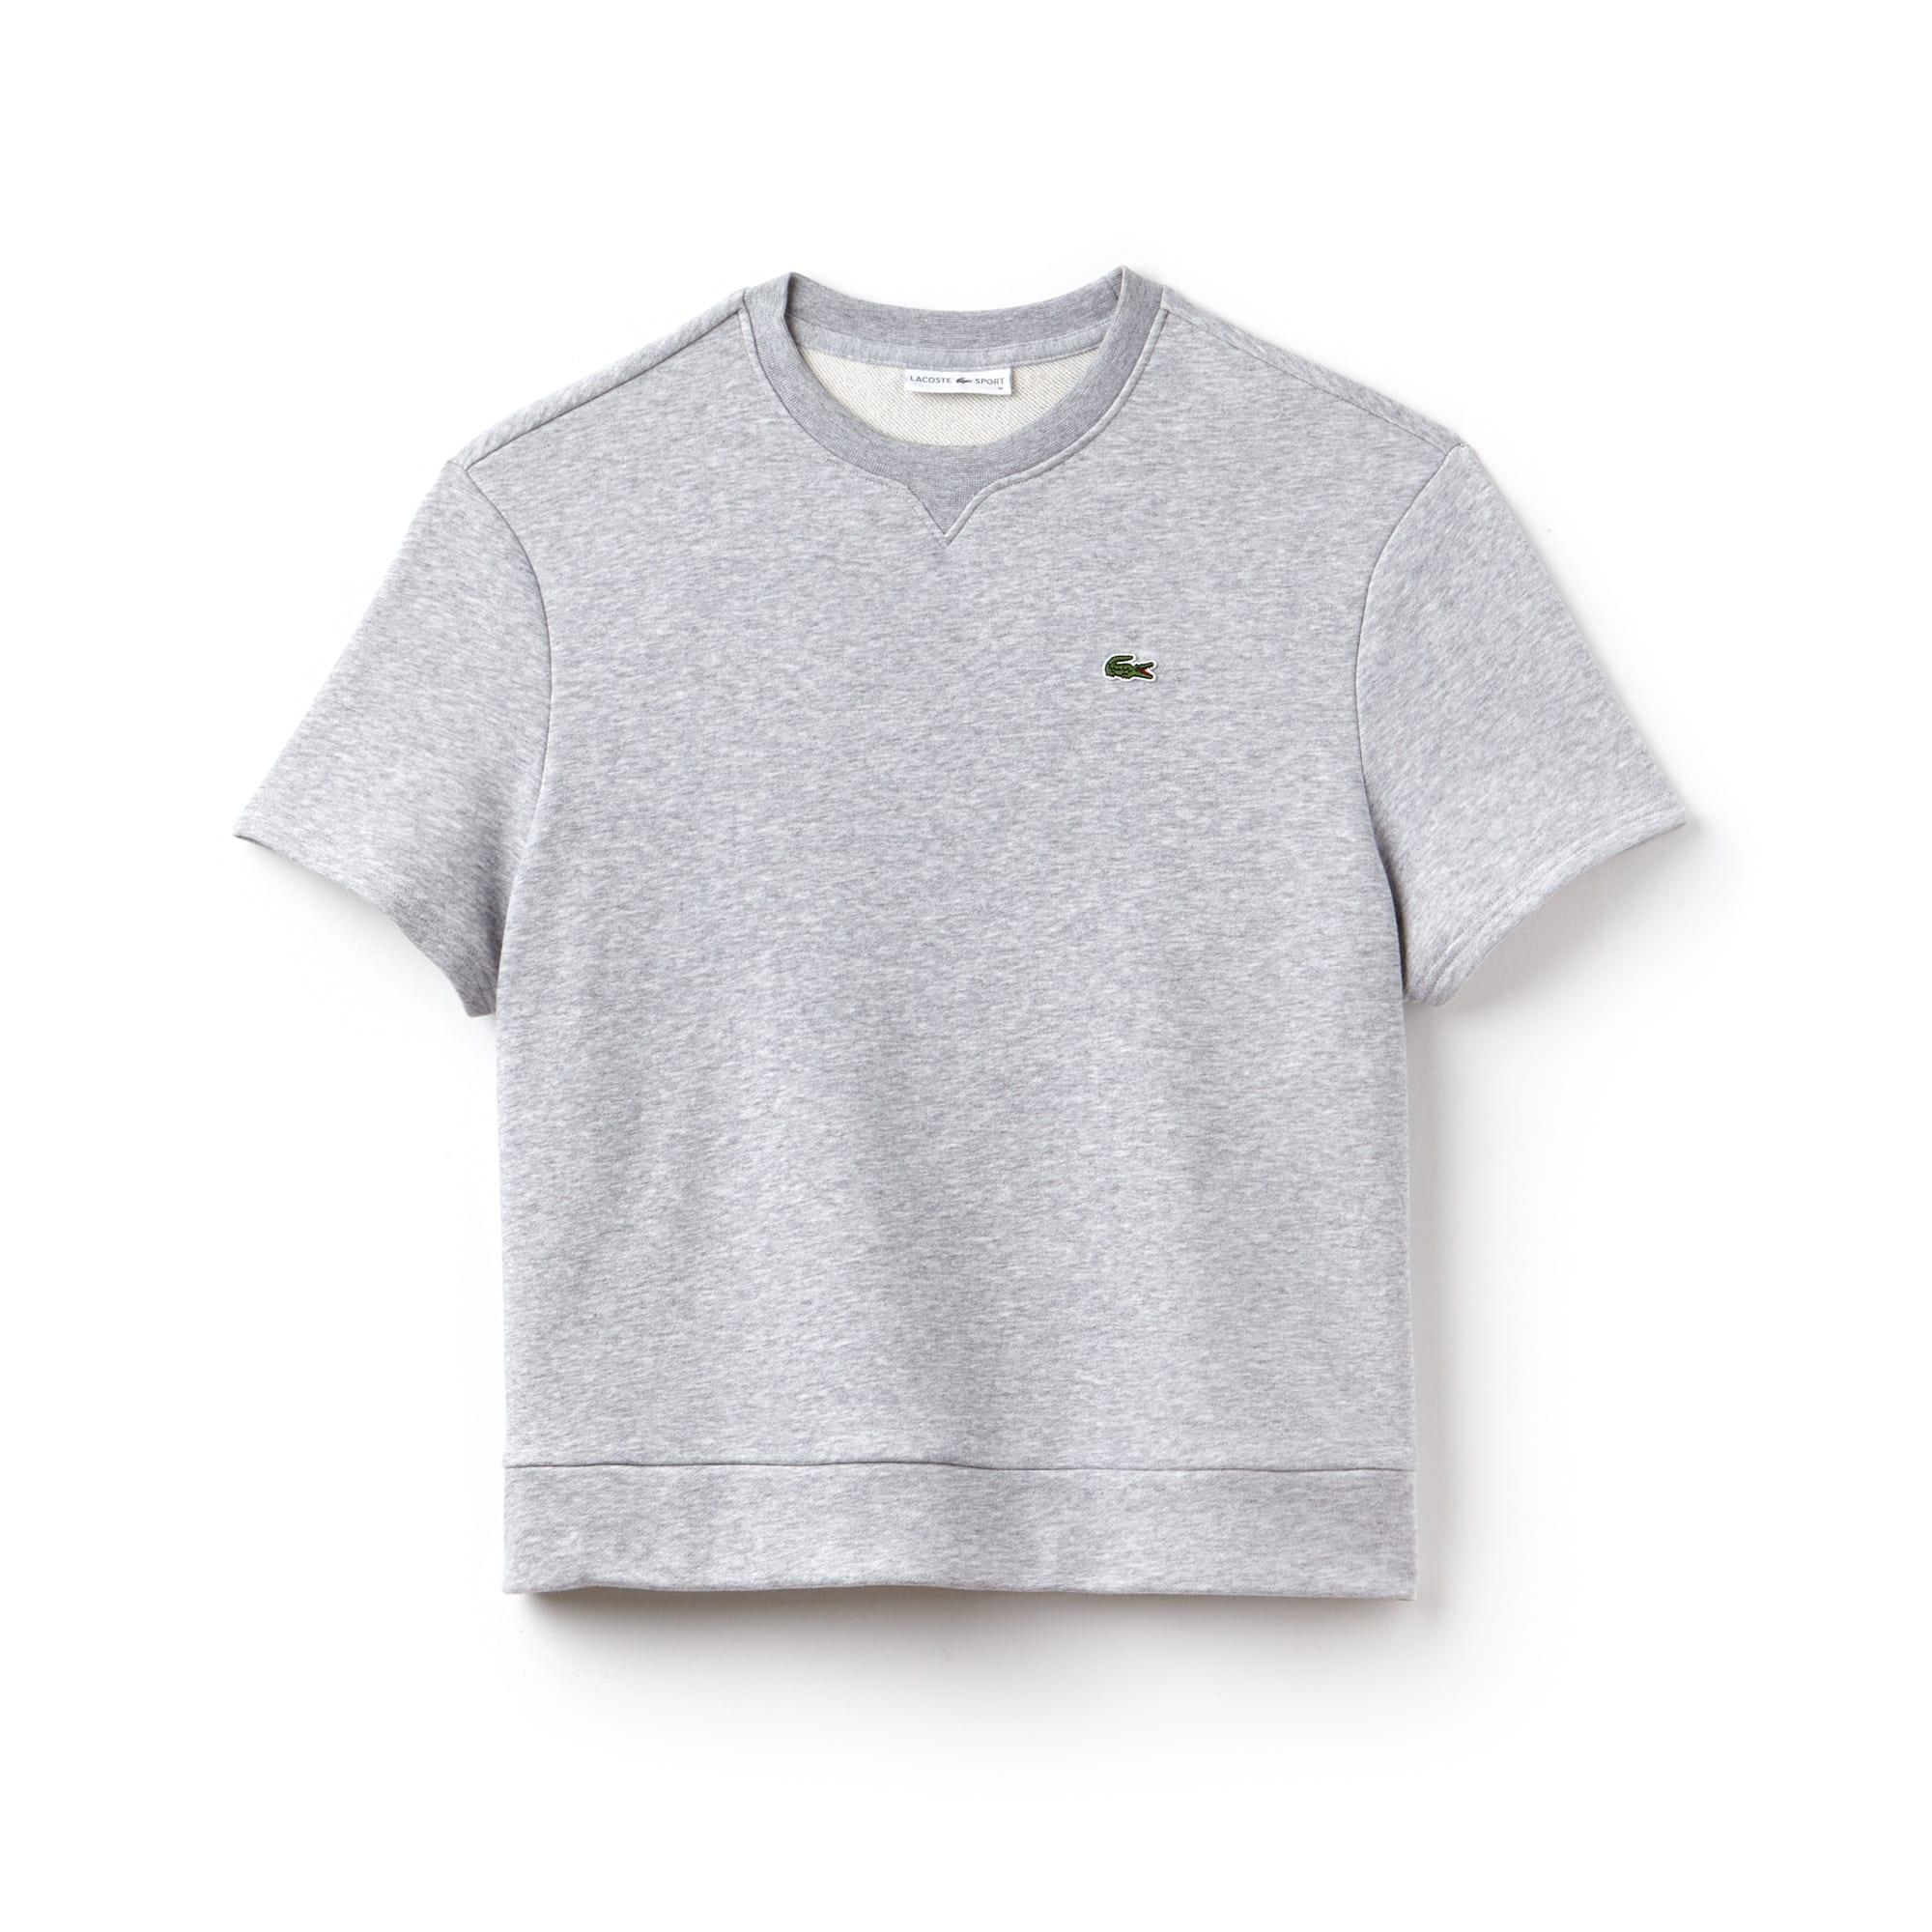 Sweatshirt com manga curta Tennis Lacoste SPORT em moletão unicolor